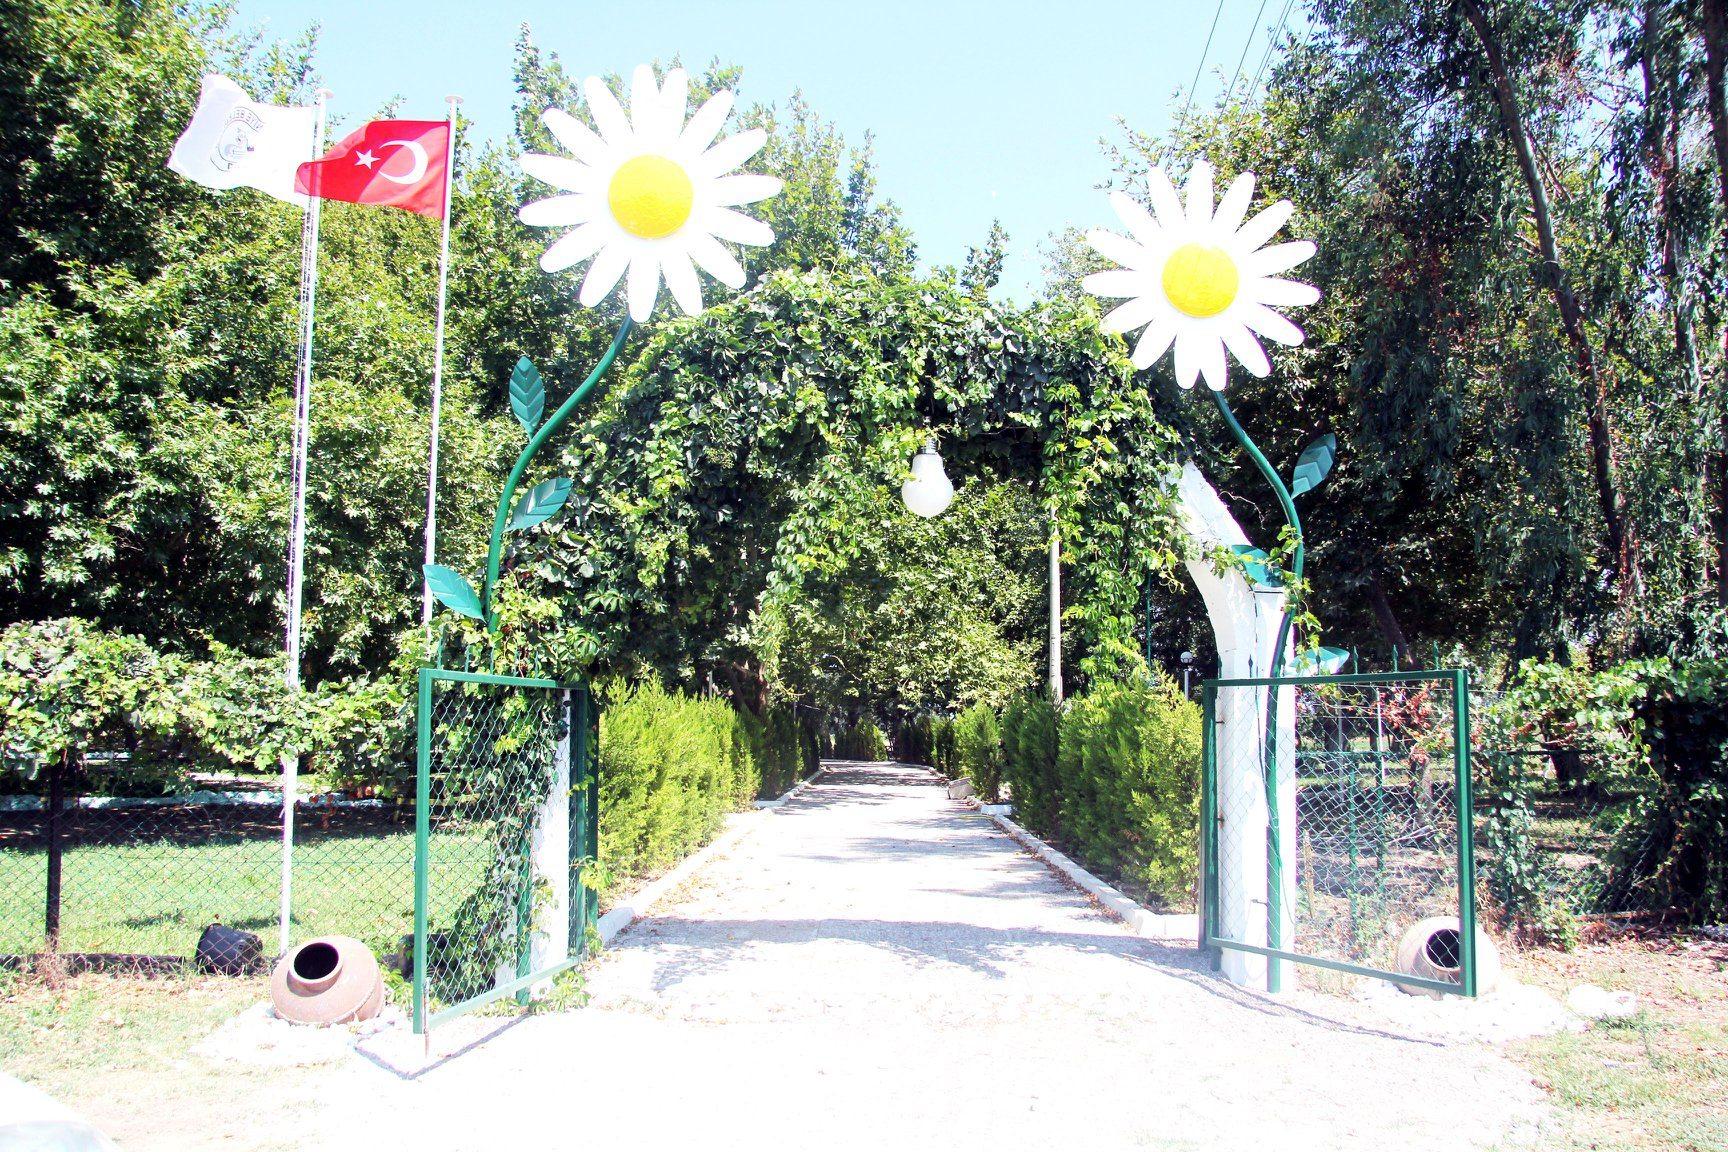 Kaliteli Ve Güvenilir Hizmetin Adresi Burhaniye Belediyesi